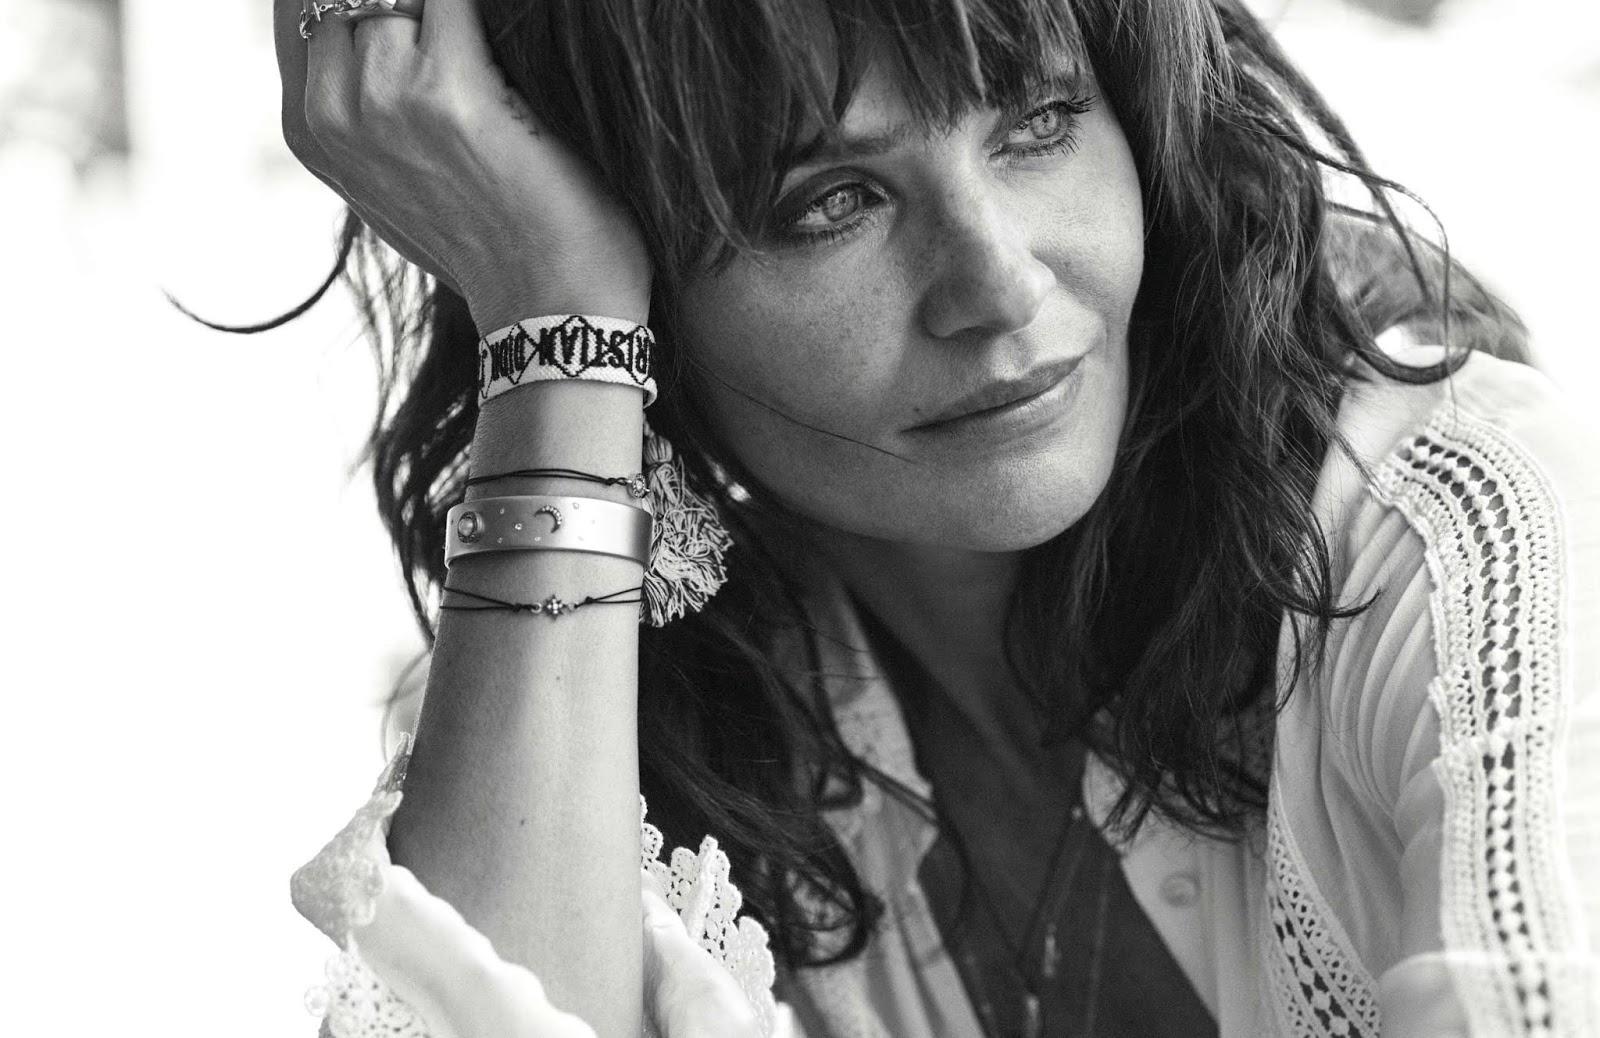 блузка, The Kooples; тканый браслет, Dior; браслеты, Eye M by Ileana Makri; кольца, Chrome Hearts